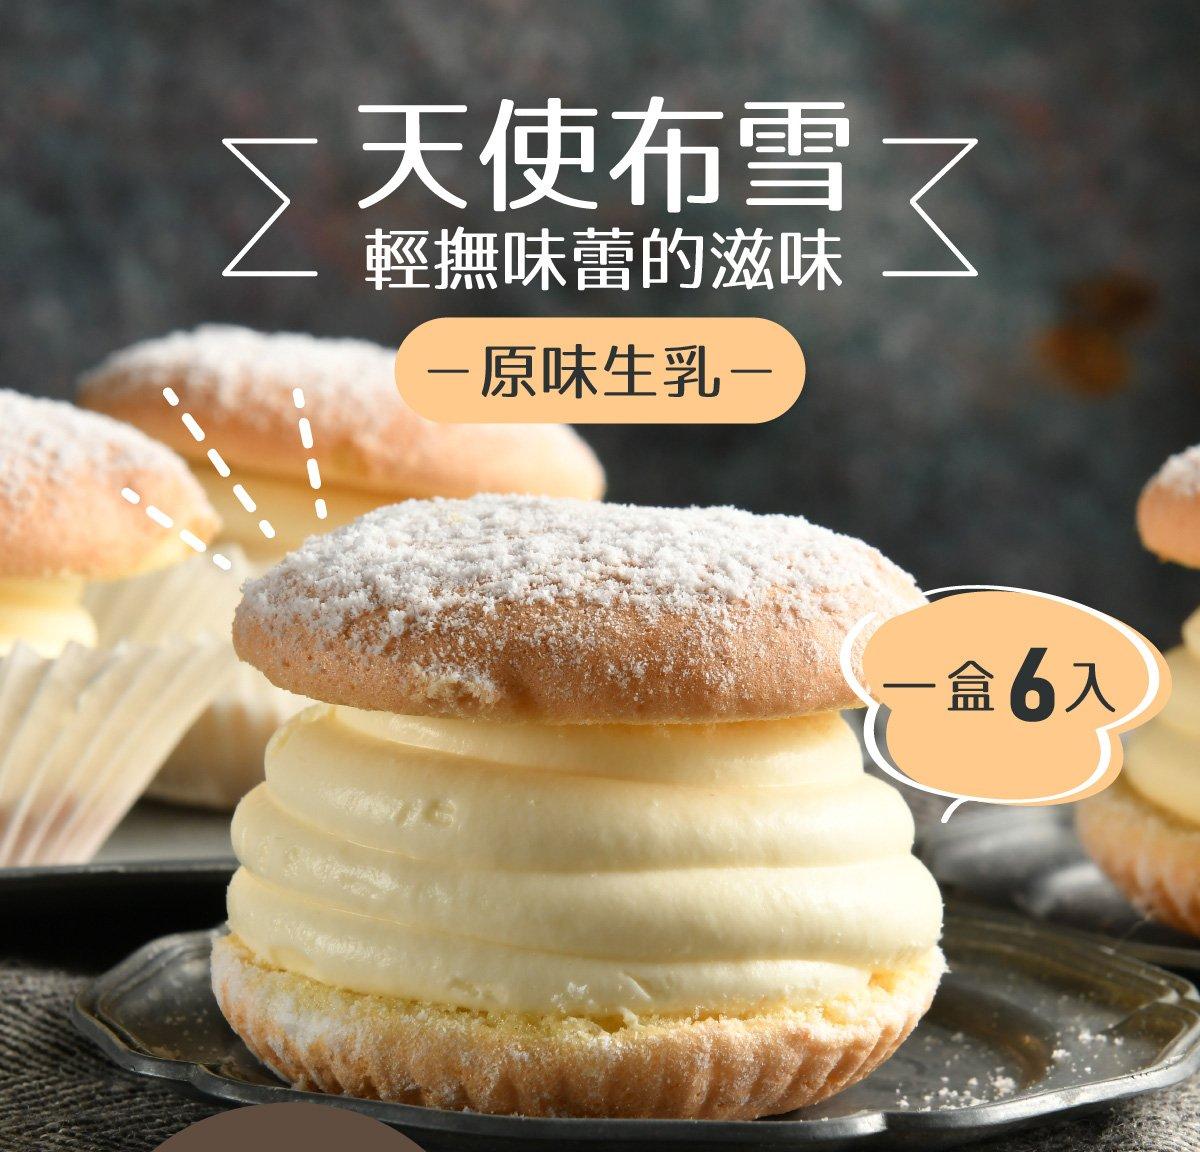 【拿破崙先生】天使布雪_原味生乳6入裝_純正日本十勝鮮奶油的感動!